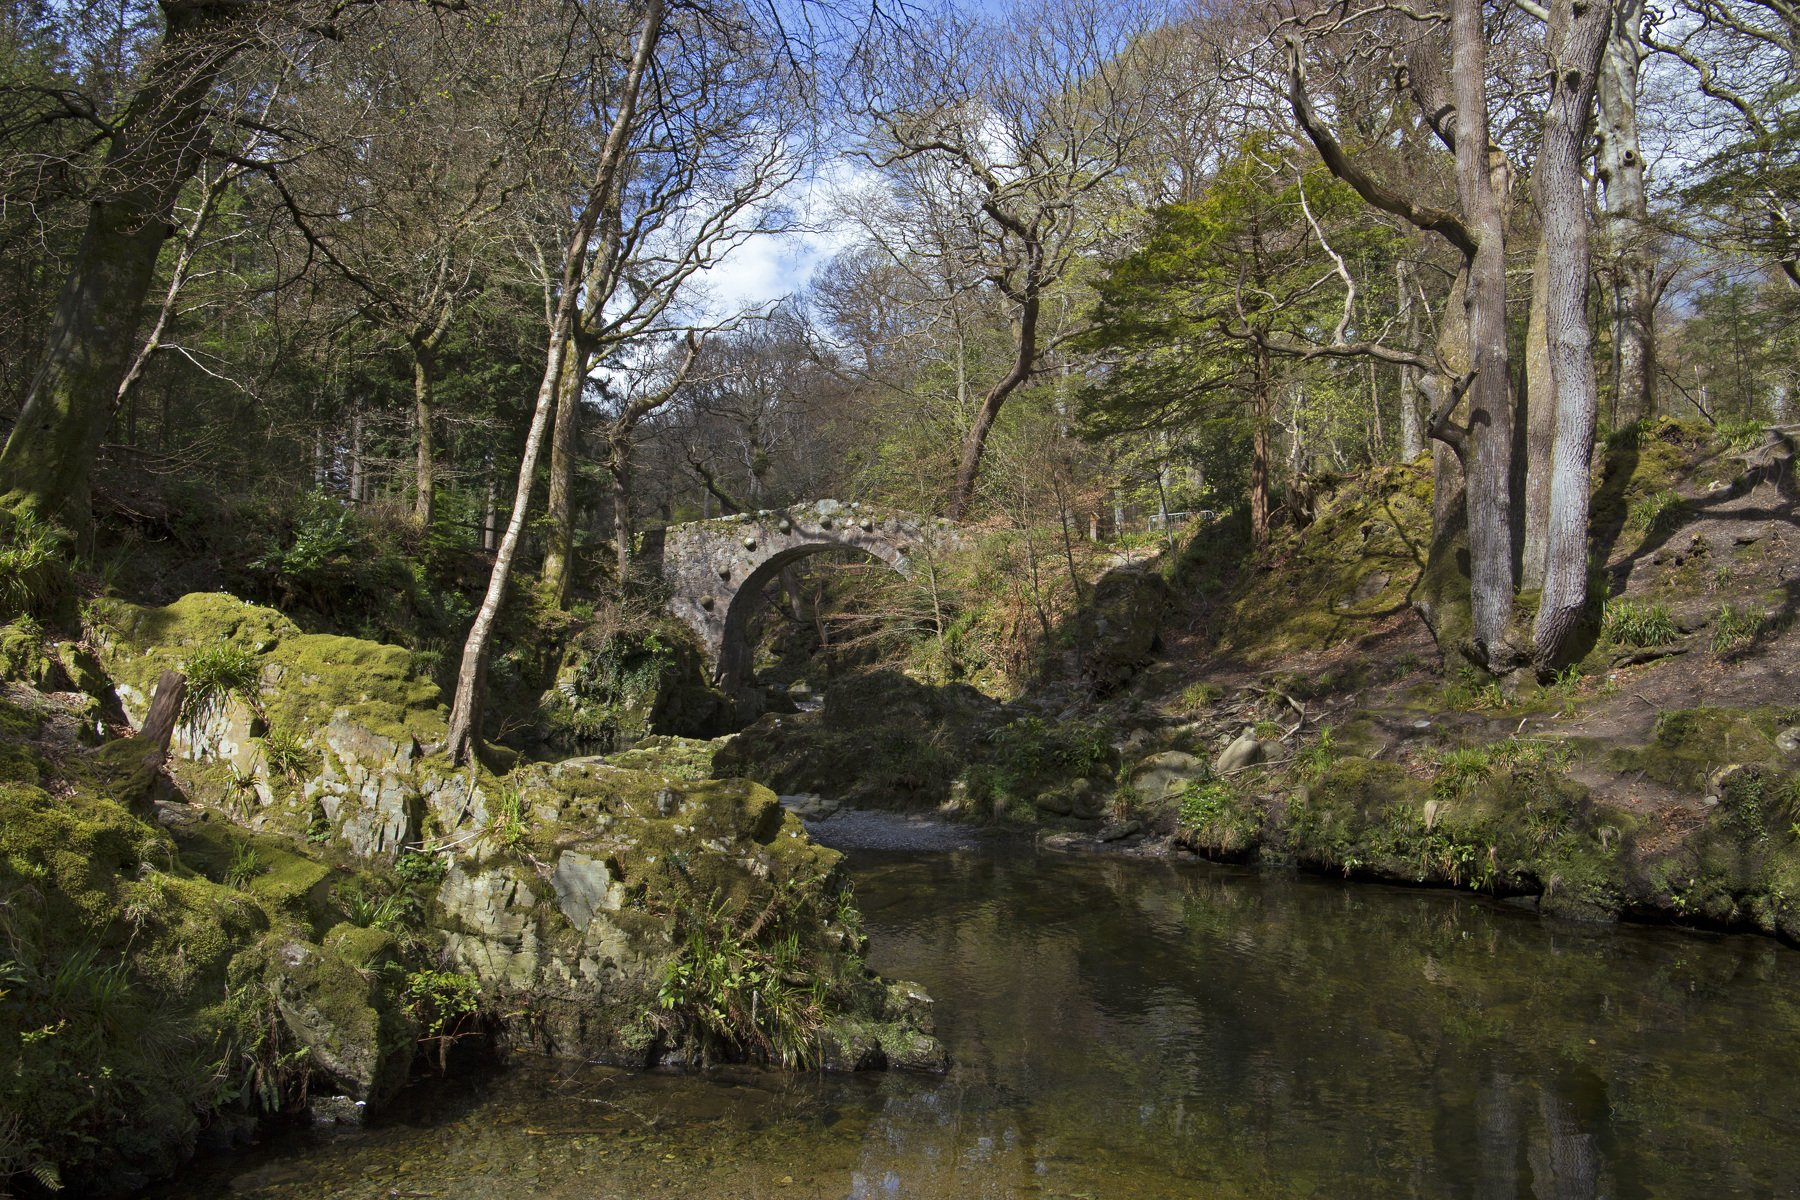 мост, река, лес, весна, пейзаж, северная ирландия, Марина Кулакова